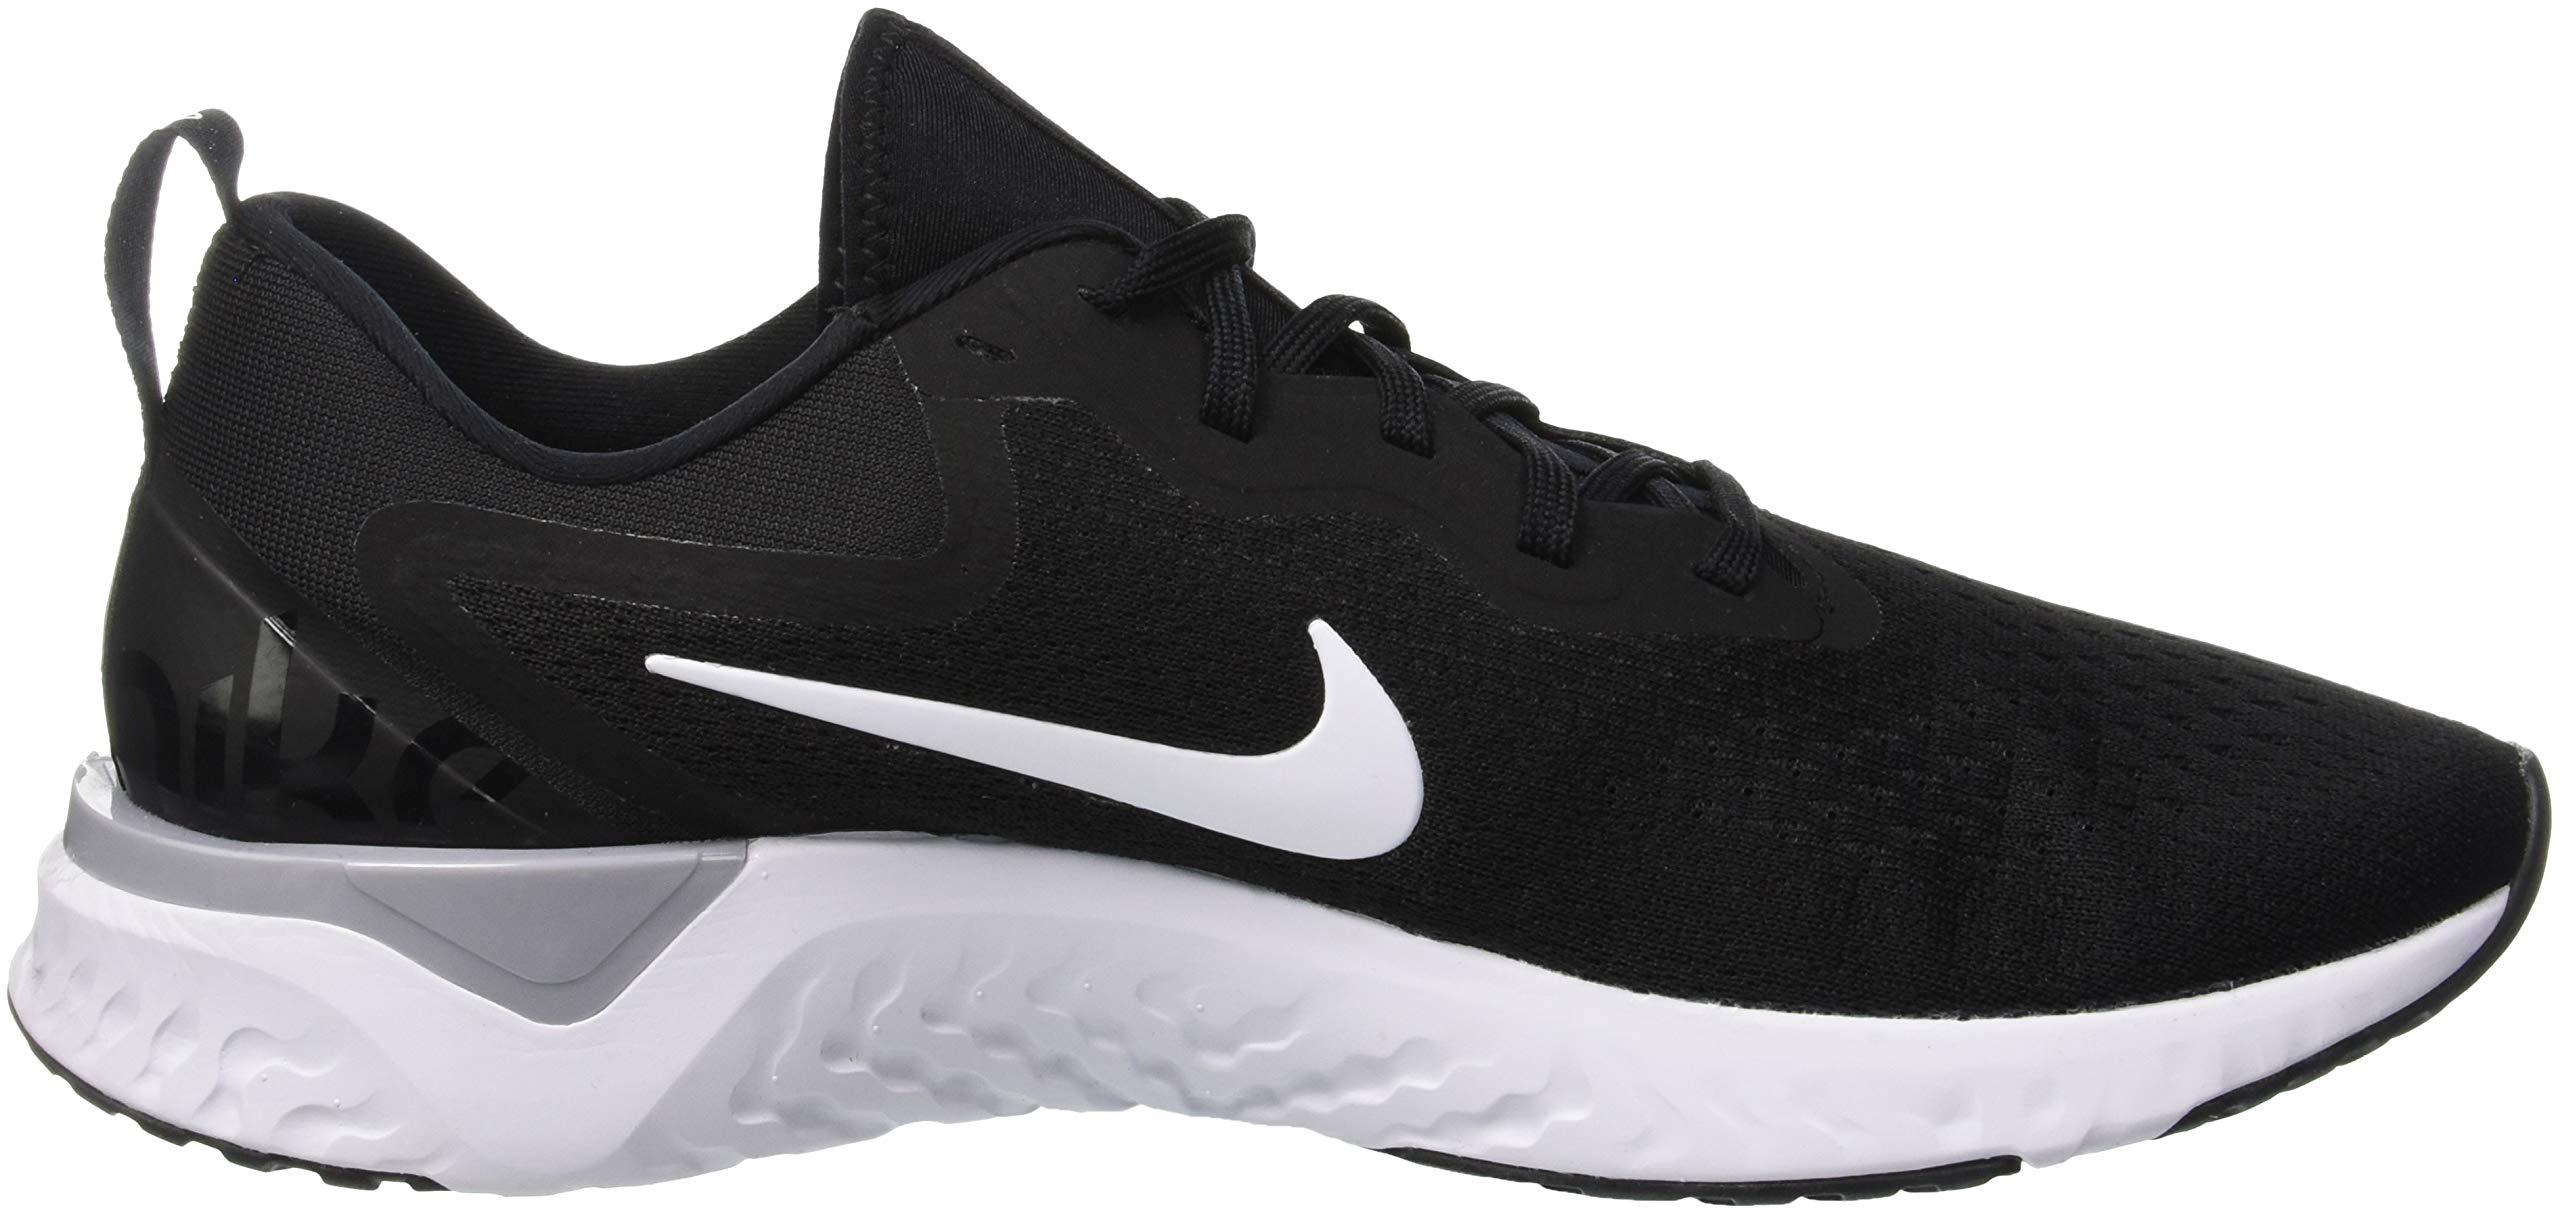 Nike Men's Odyssey React Running Shoe Black/White-Wolf Grey 7.5 by Nike (Image #6)